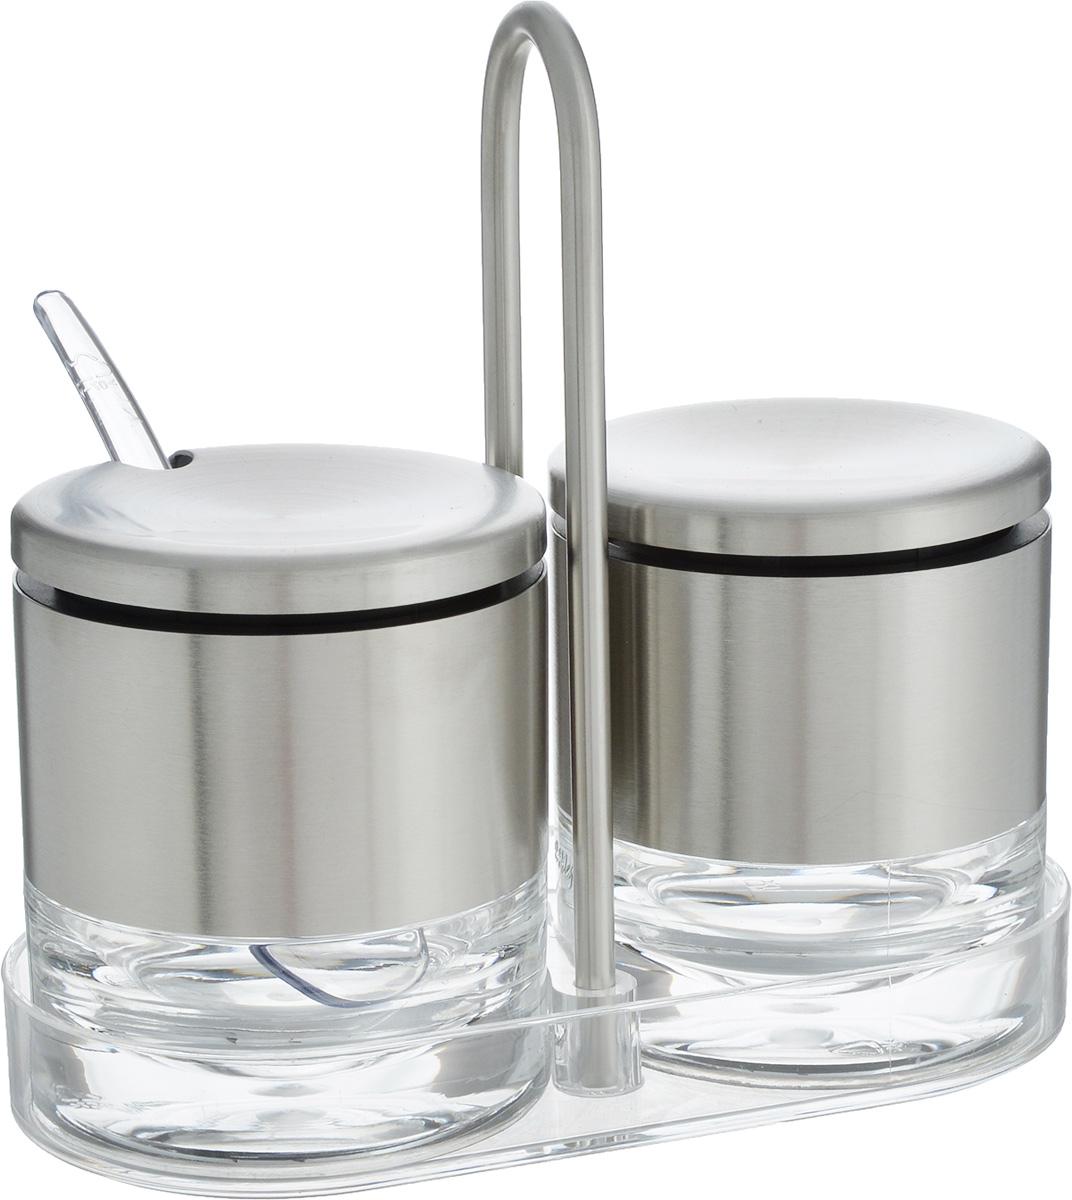 Набор Emsa Accenta, для сливок и сахара, 4 предмета115510Набор Emsa Accenta изготовлен из стекла, пластика и нержавеющей стали. Он состоит из двух емкостей: для сливок и сахара, а так же подставки и чайной ложки. Такой набор отлично впишется в любой интерьер.Размер емкости: 7 х 7 х 8 см.Длина ложки: 12 см.Размер подставки: 15 х 7,5 х 14 см.